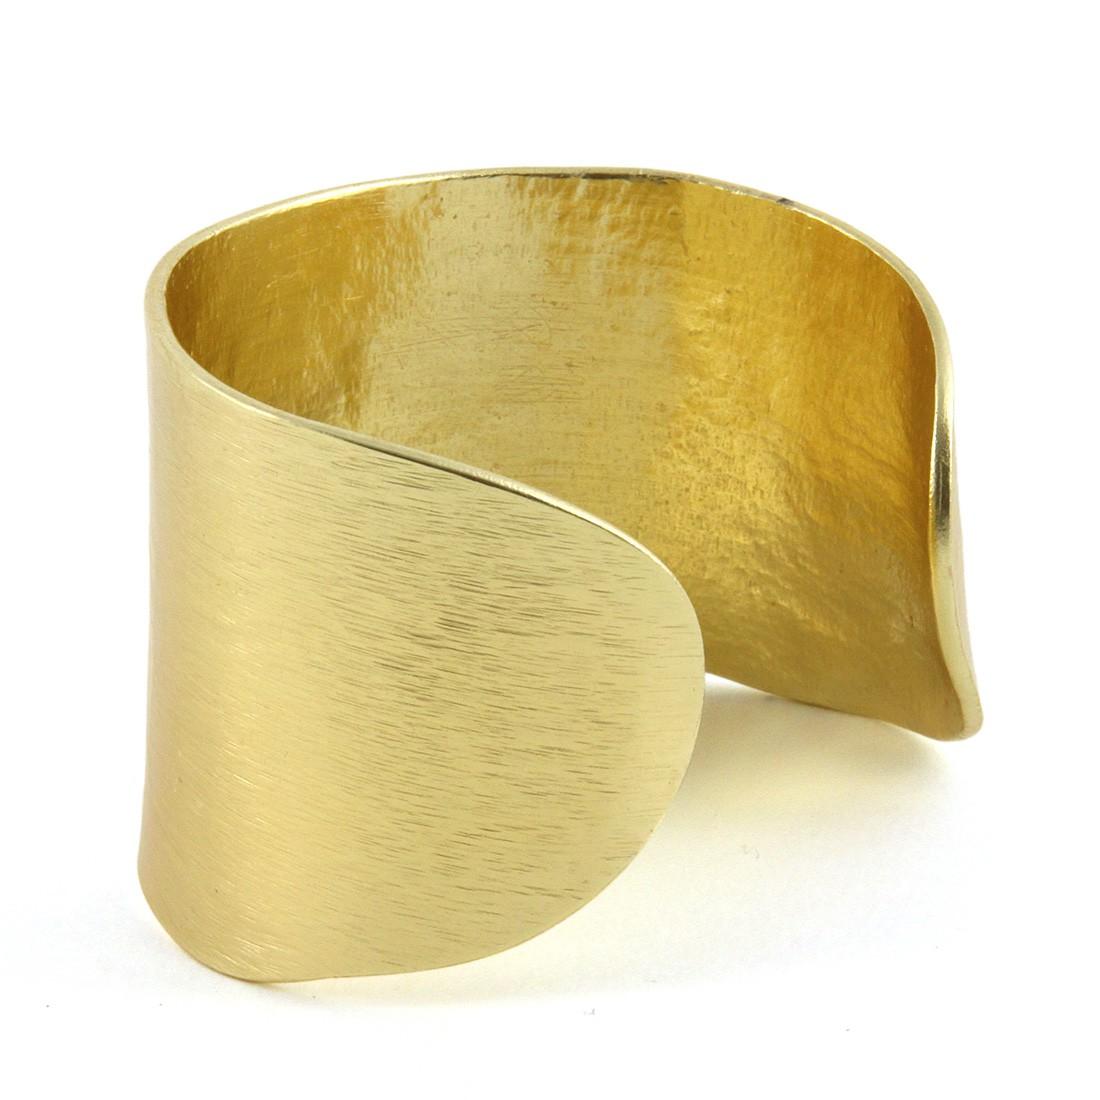 manchette dor e or fin little woman paris bracelets les cr ateurs de paris. Black Bedroom Furniture Sets. Home Design Ideas